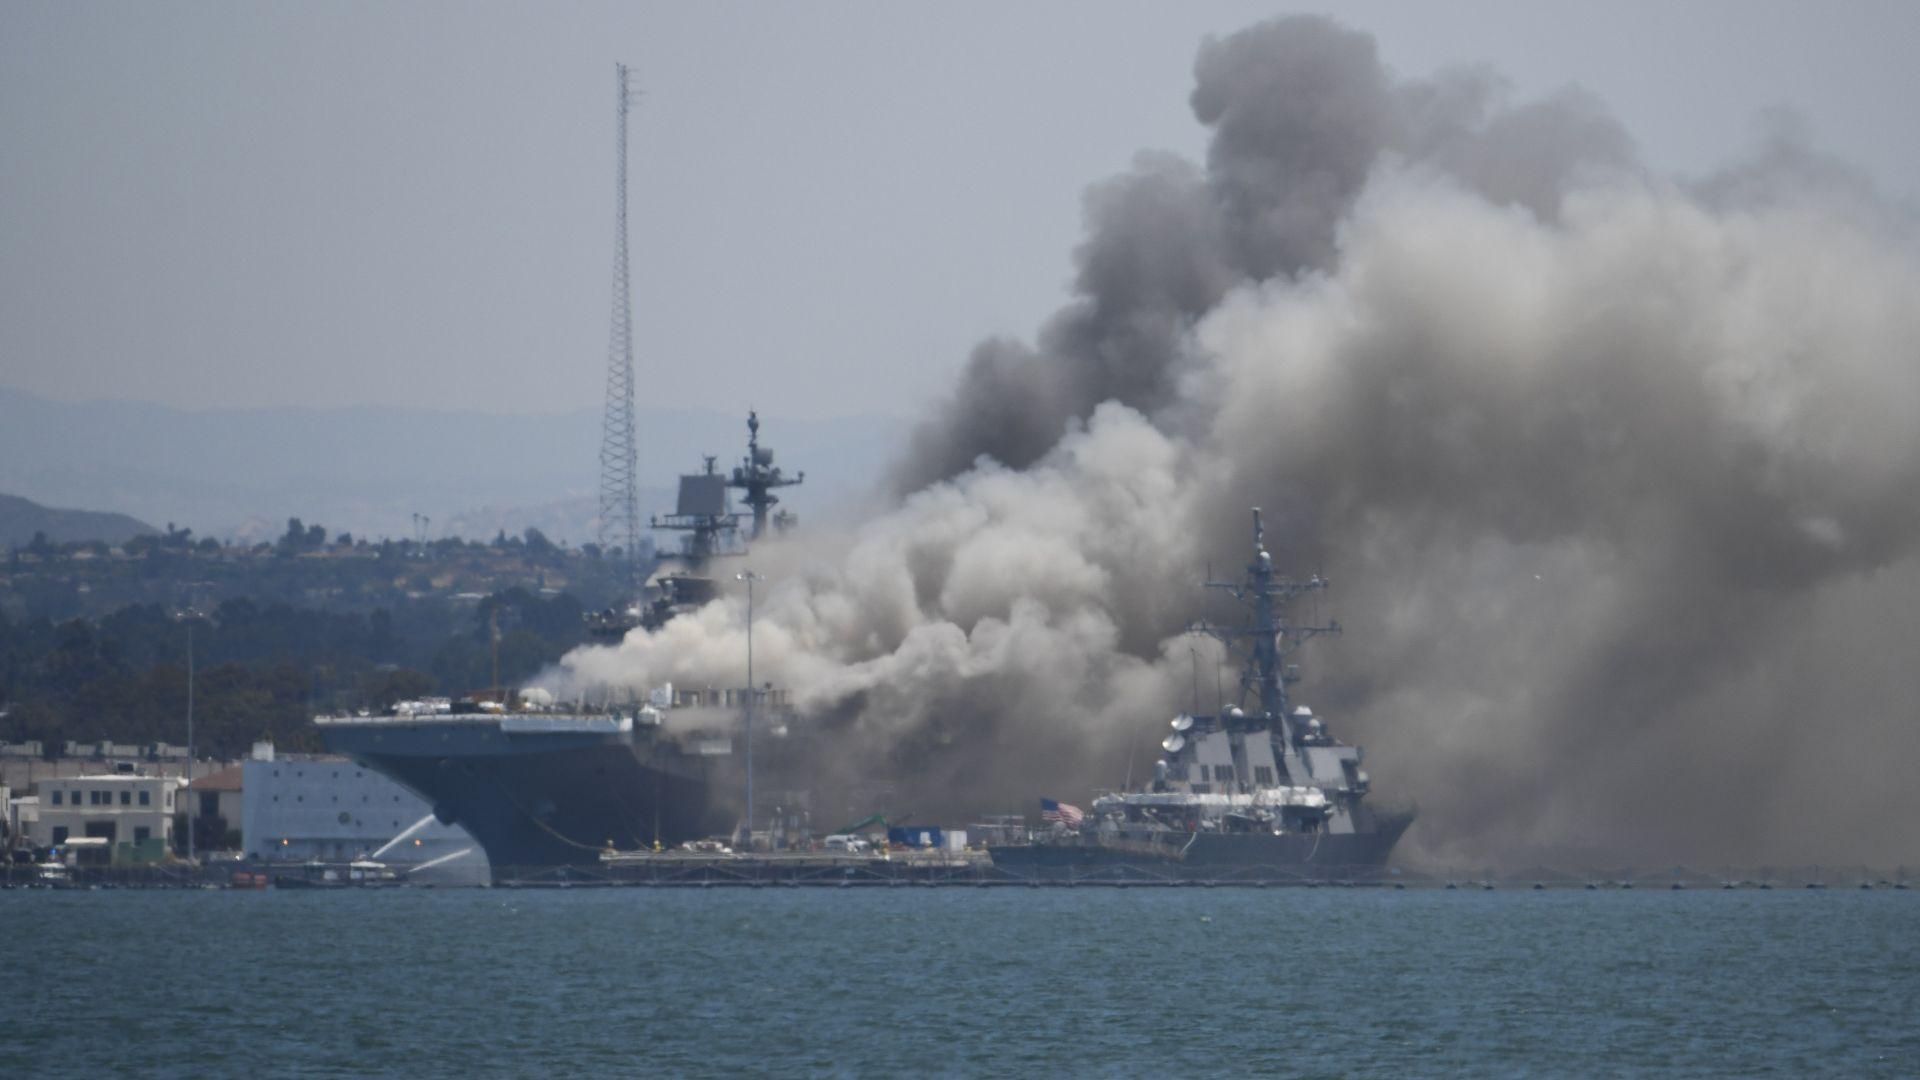 57 ранени в огнен ад на десантен кораб в база на ВМС в Сан Диего (видео)